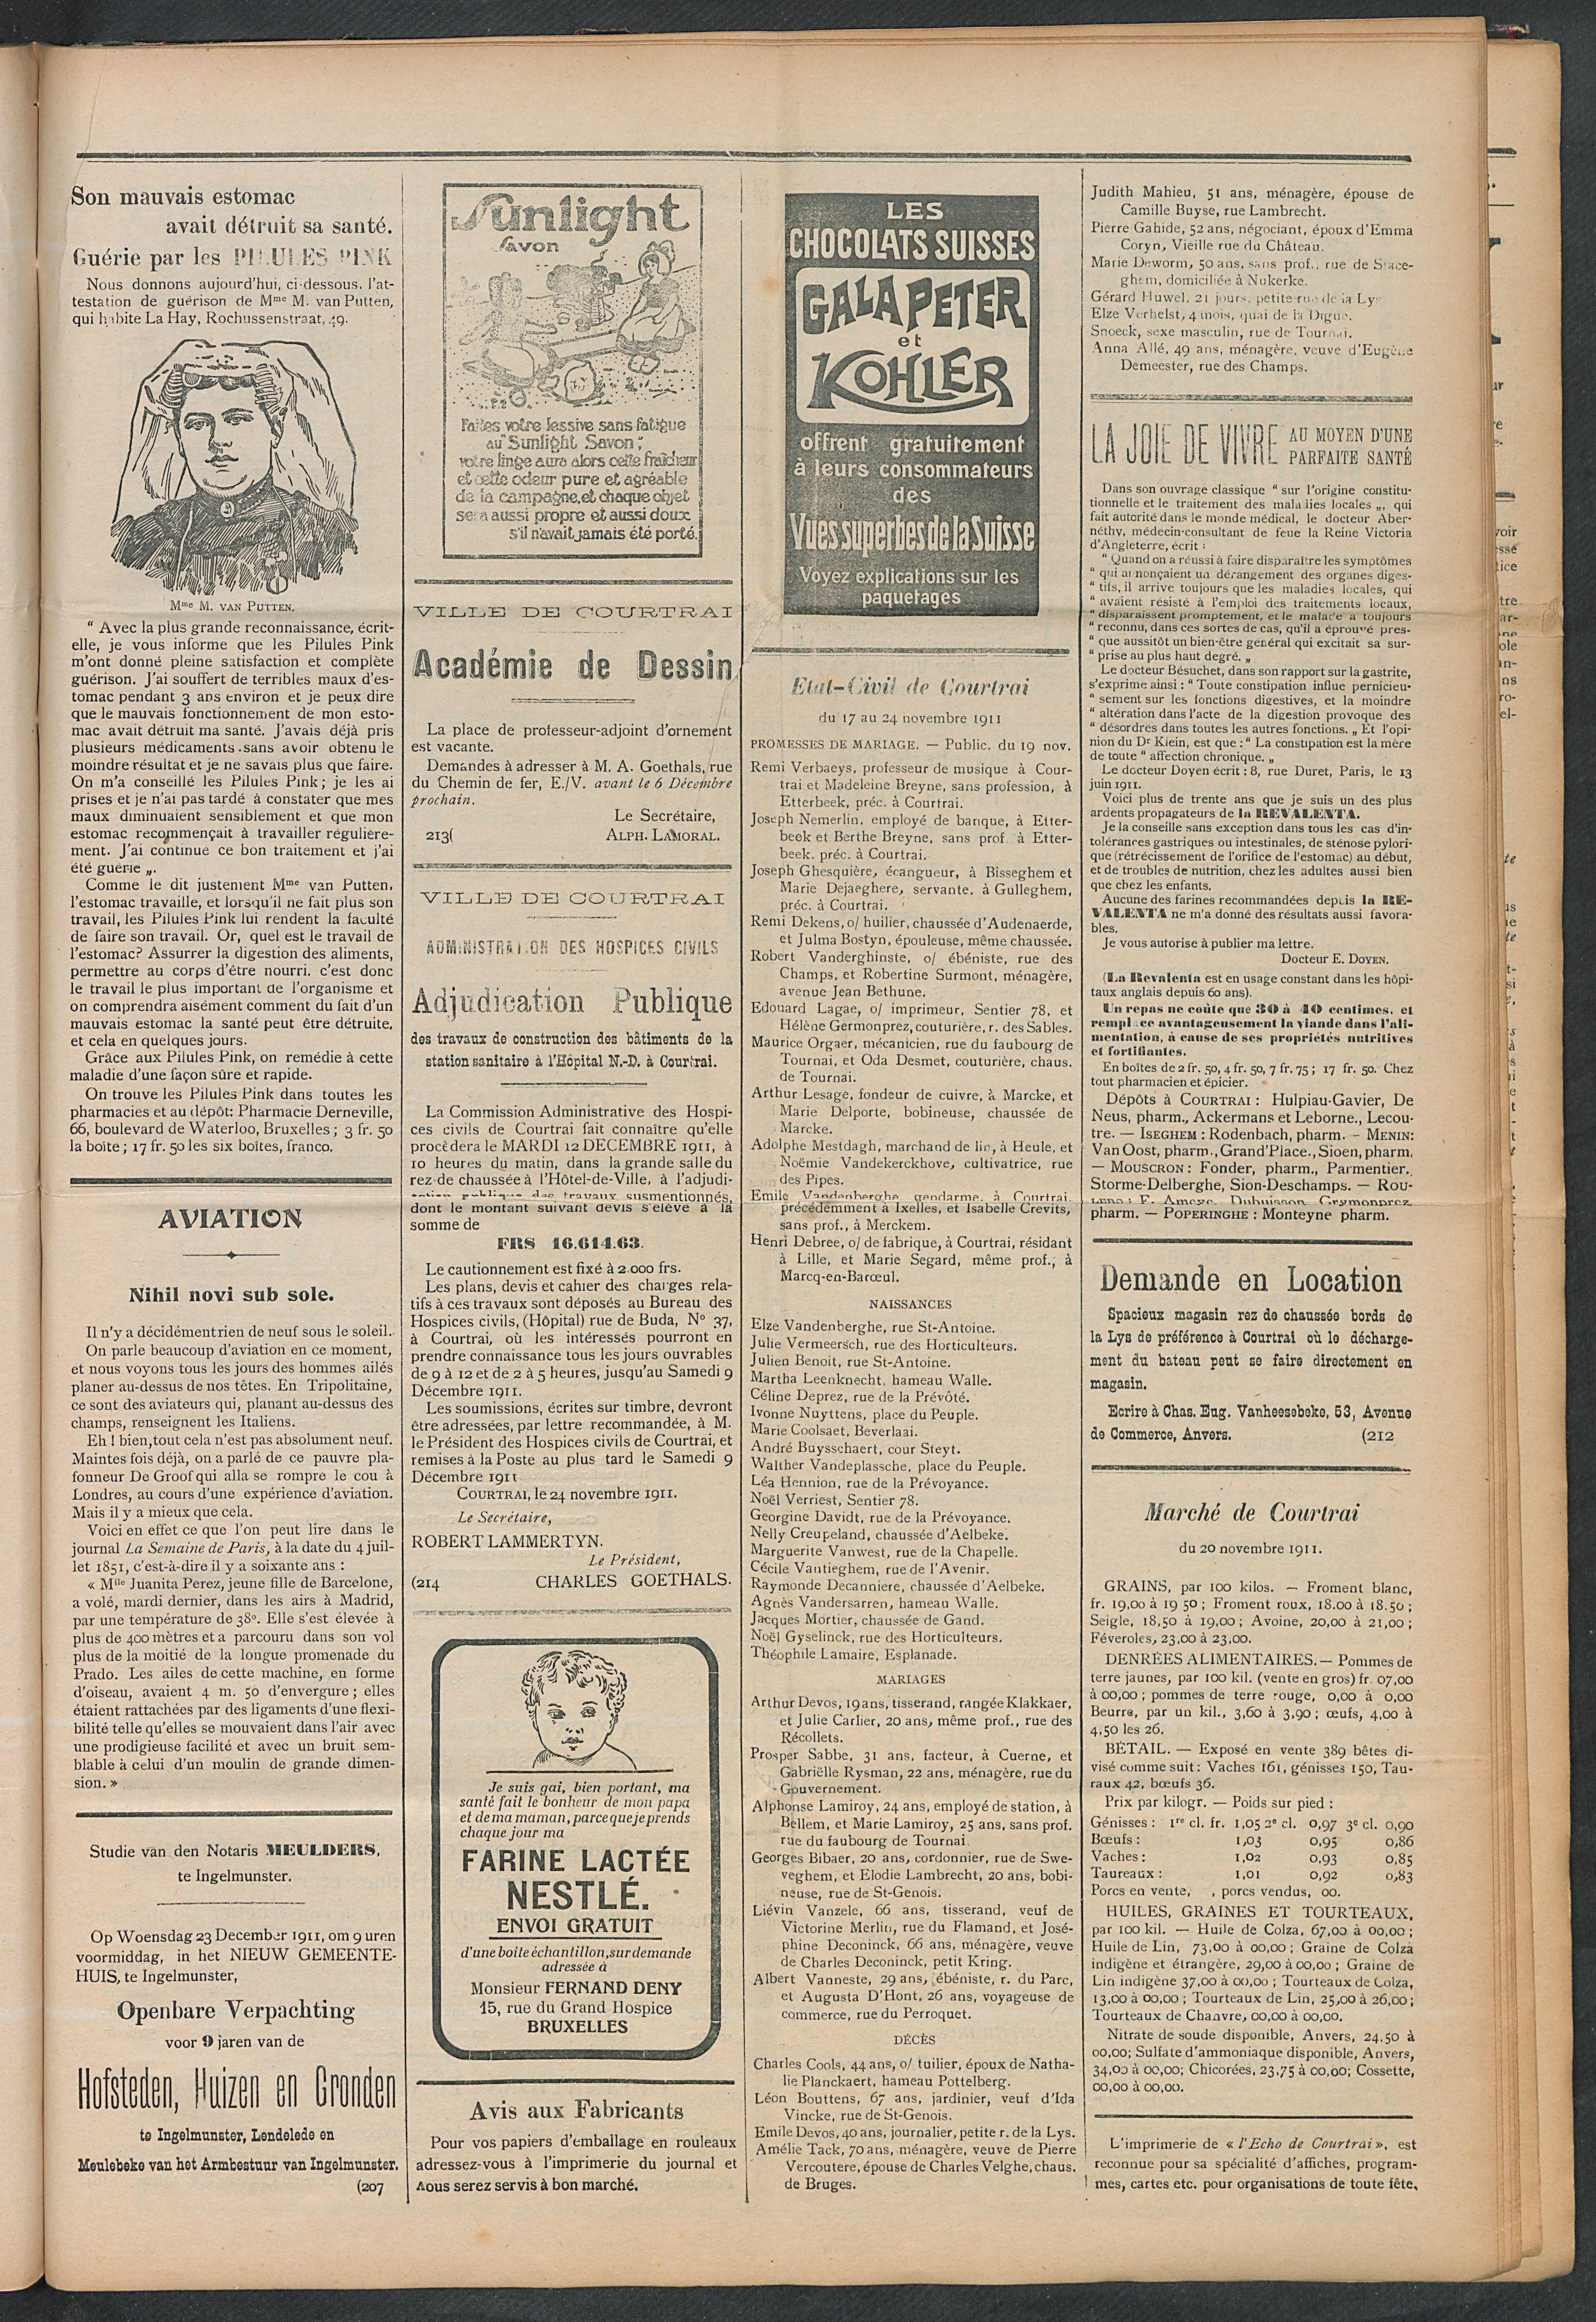 L'echo De Courtrai 1911-11-26 p3